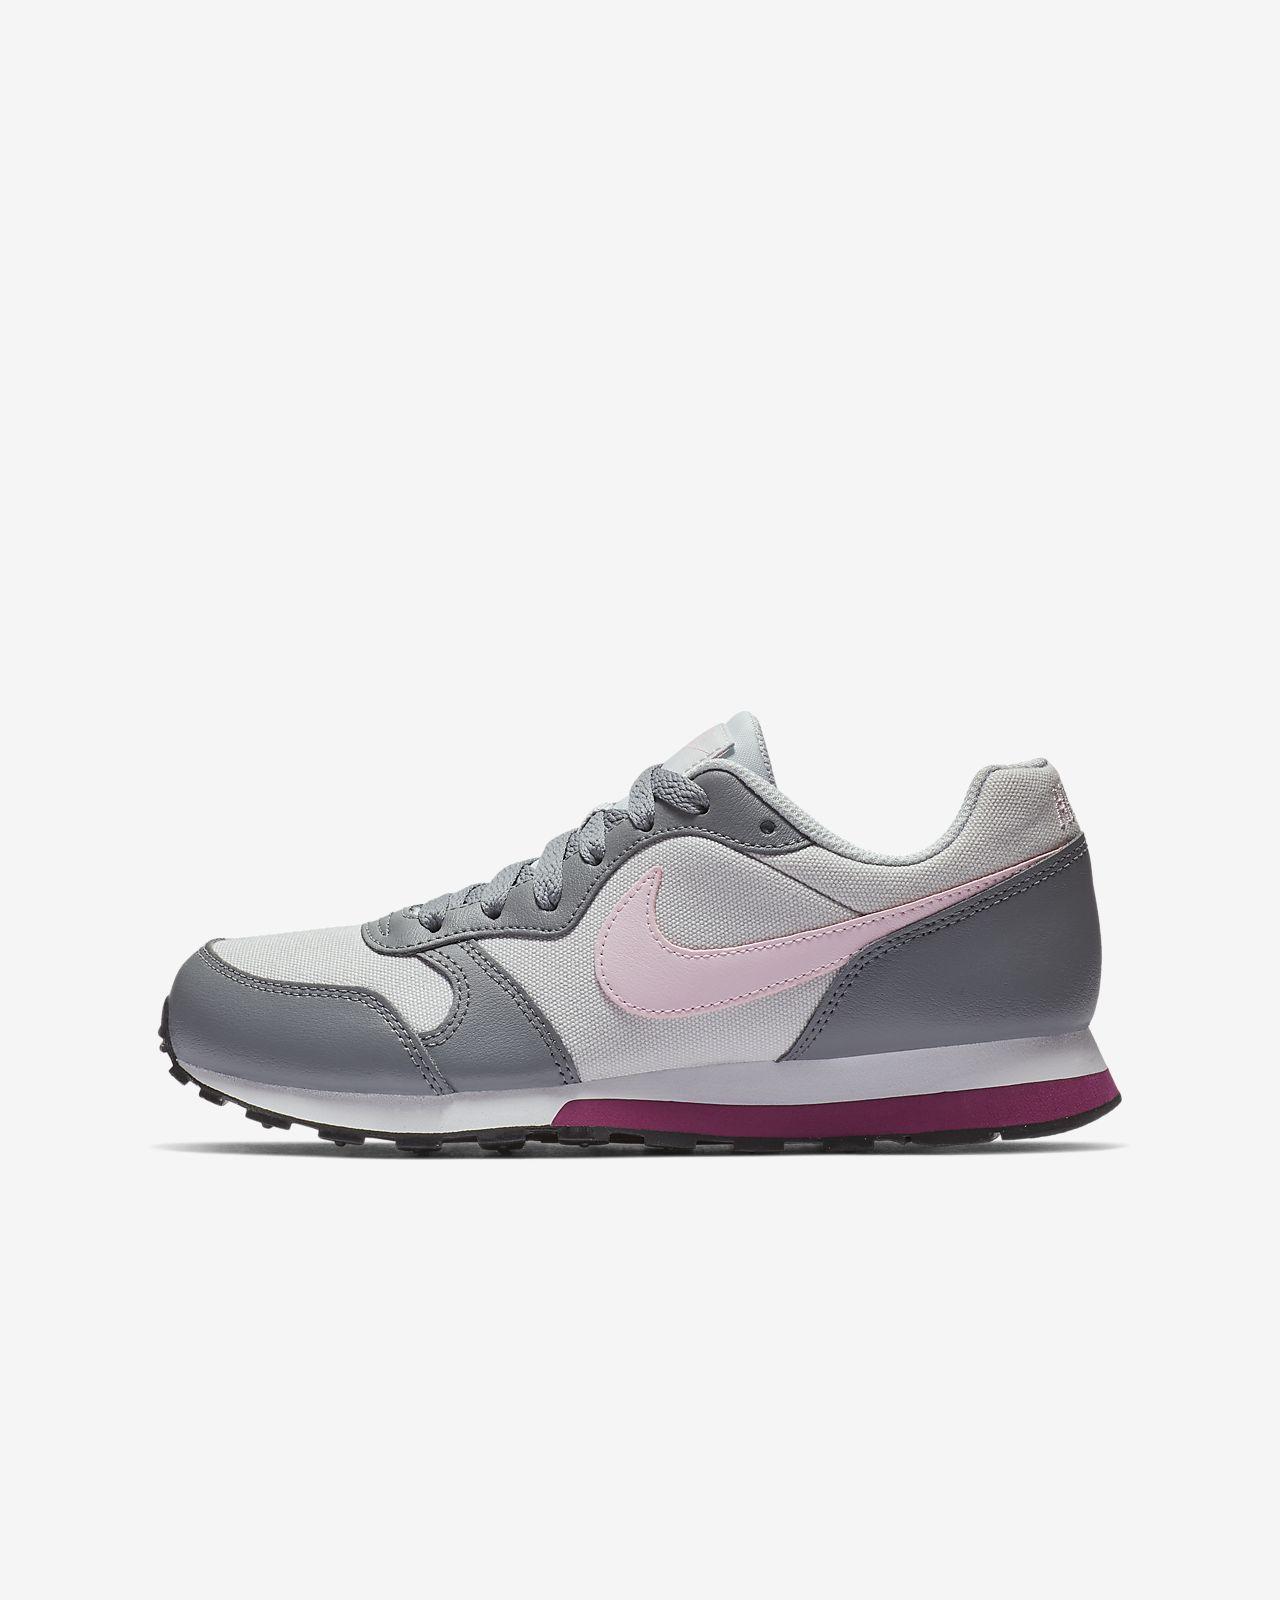 buy popular 73755 24cc6 ... Nike MD Runner 2 Older Kids  Shoe